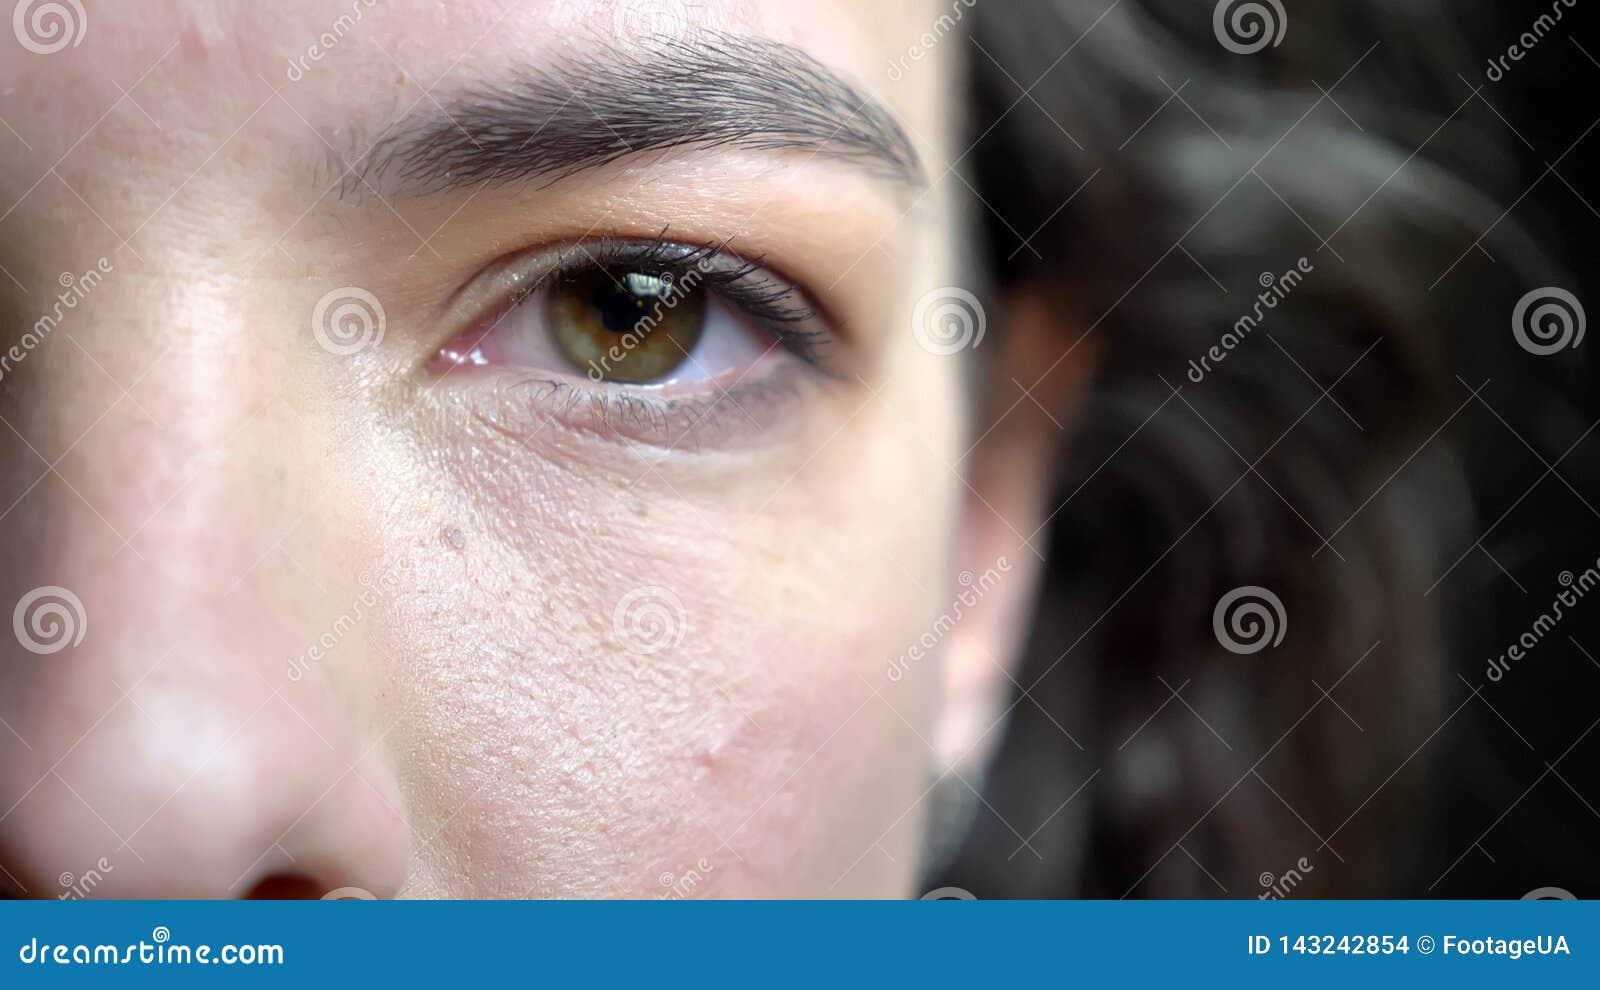 Lanzamiento de la mitad-cara del primer de la cara femenina caucásica bonita joven con el pelo rizado moreno y el ojo marrón que